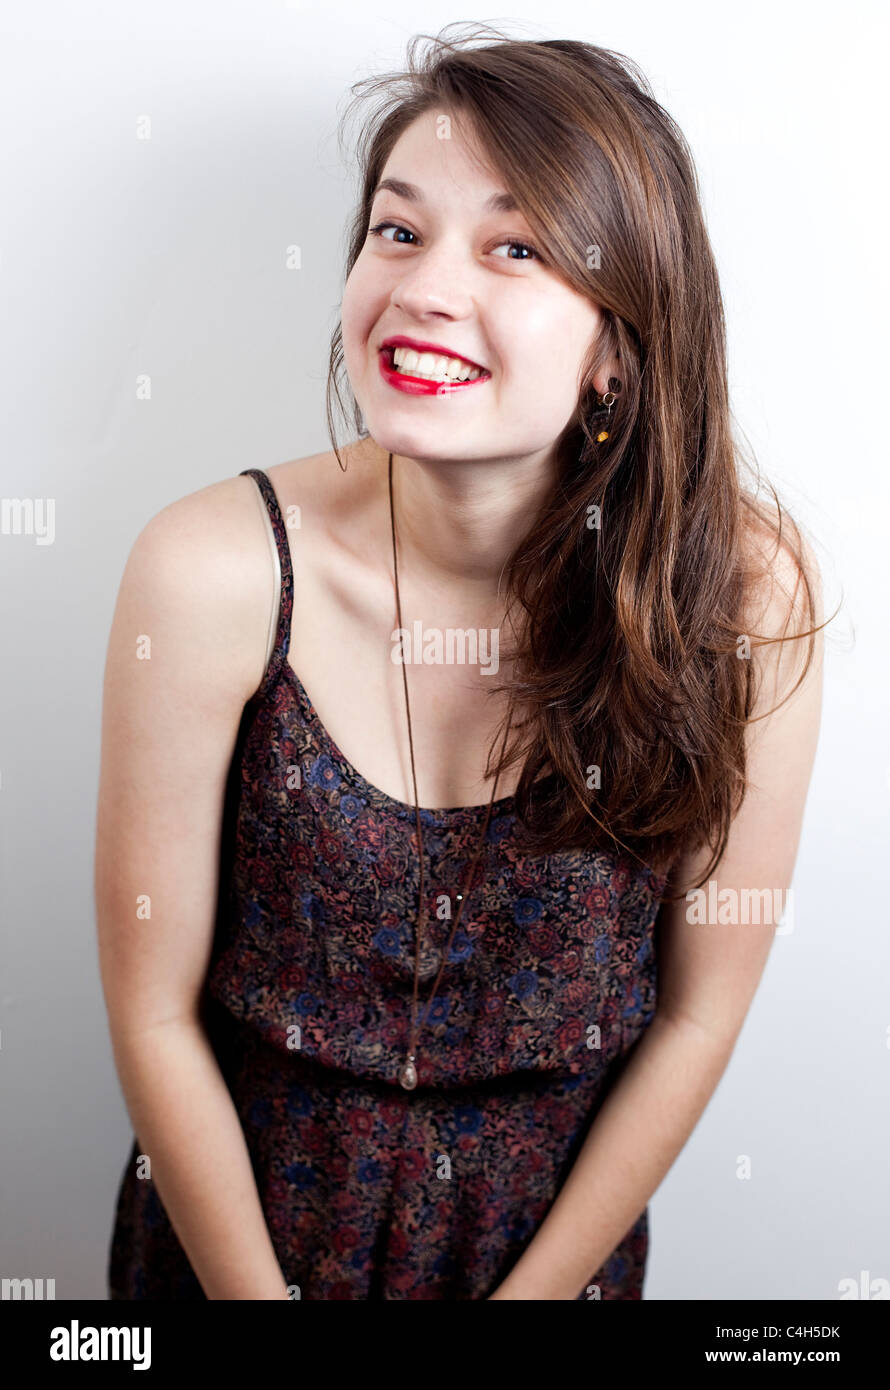 Portrait d'un adolescent avec un sourire espiègle sur son visage, Londres, Angleterre, Royaume-Uni Photo Stock